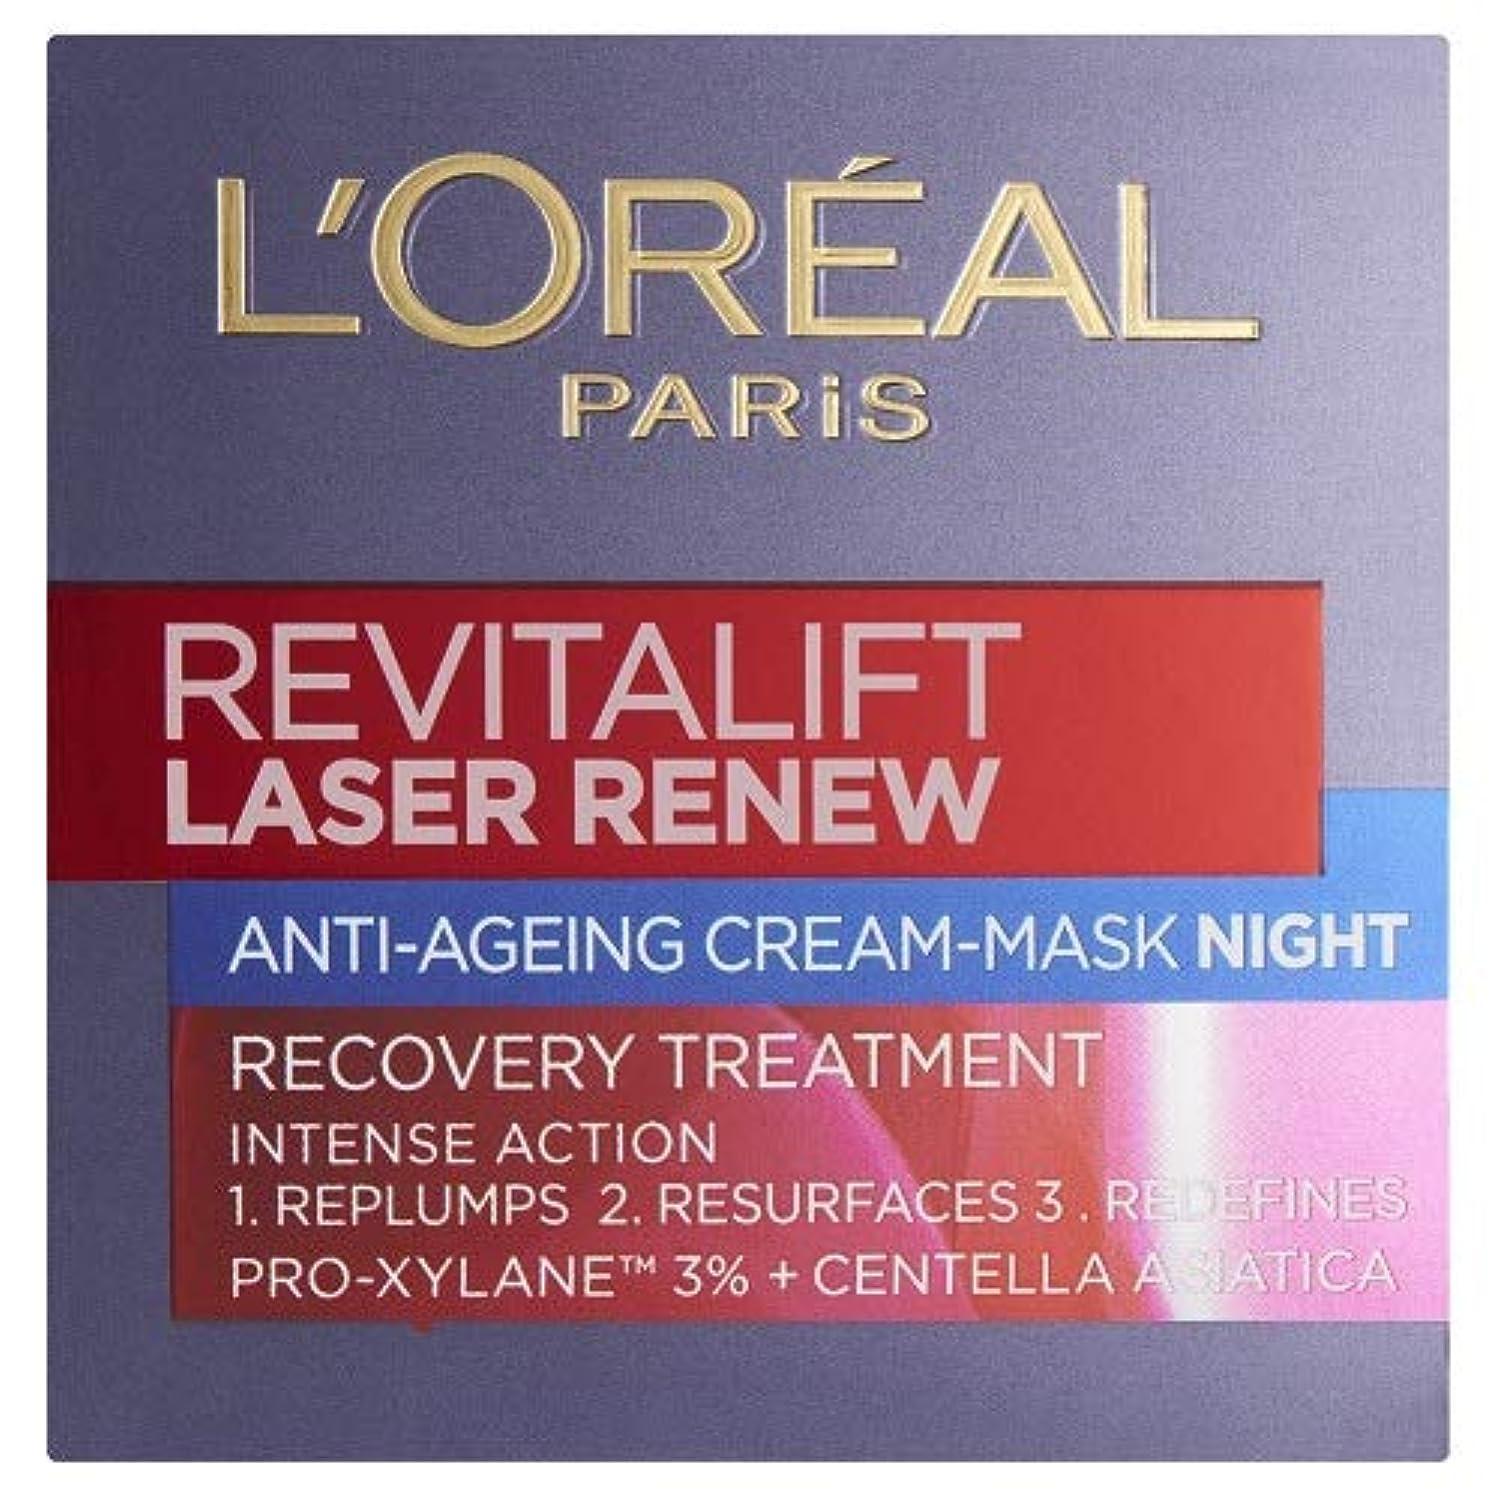 オン撃退する思いやりのあるL'Oreal Paris Revitalift Laser Renew Night Cream (50ml) パリrevitaliftレーザーはナイトクリームを更新l'オラ?ら( 50ミリリットル)